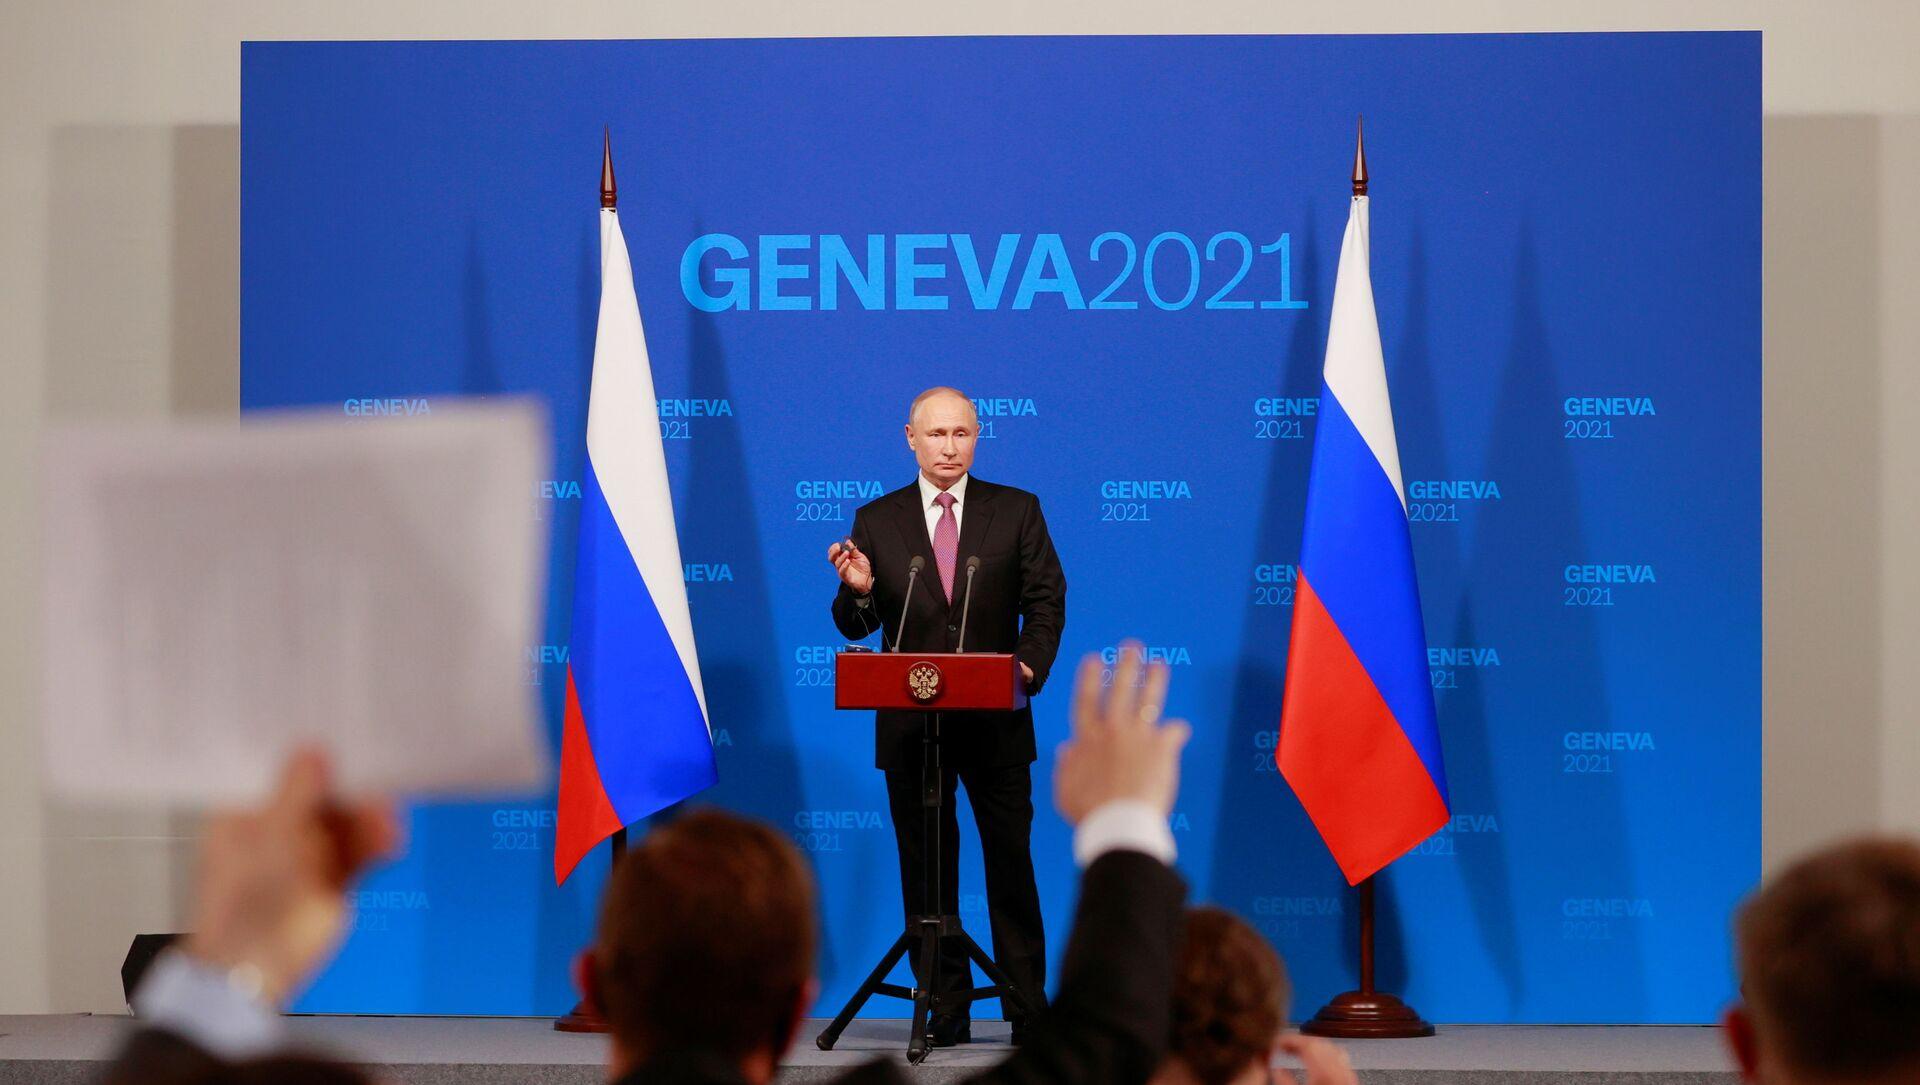 Владимир Путин на конференцији за штампу у Женеви - Sputnik Србија, 1920, 16.06.2021